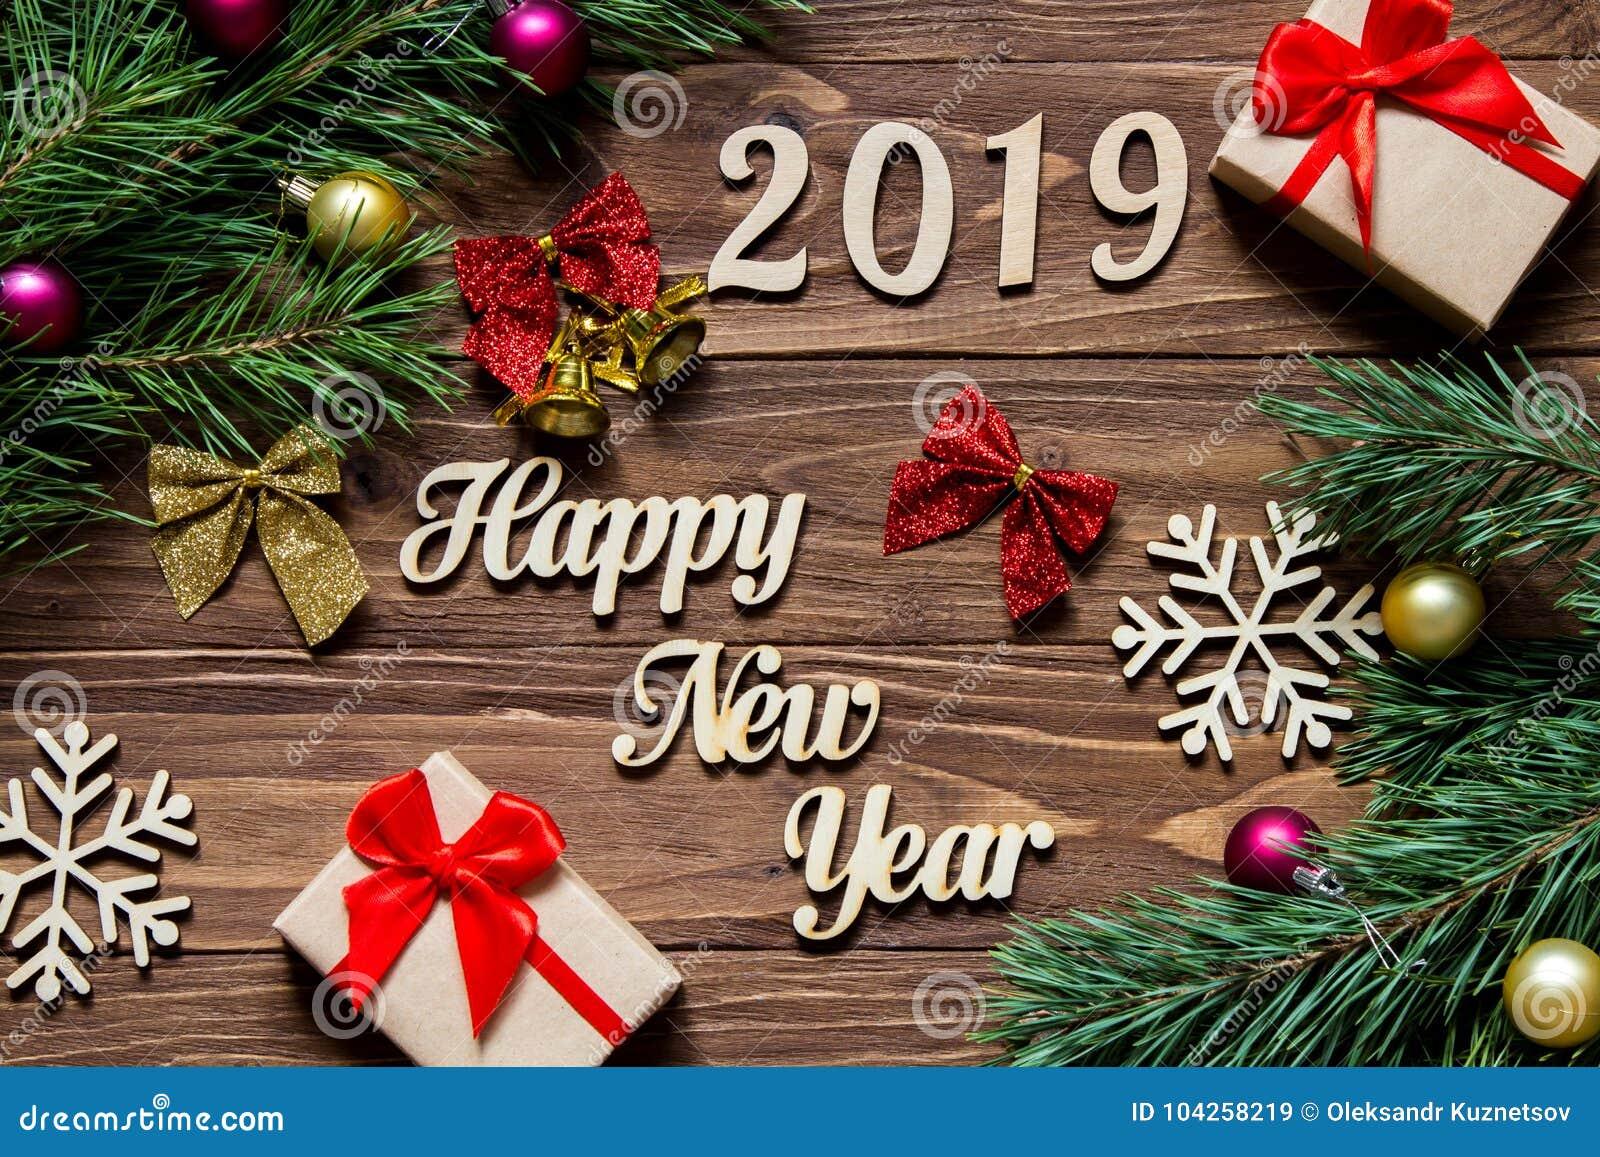 Szczęśliwy Nowy Rok 2019 Prezenty I Bożego Narodzenia świecidełko Na